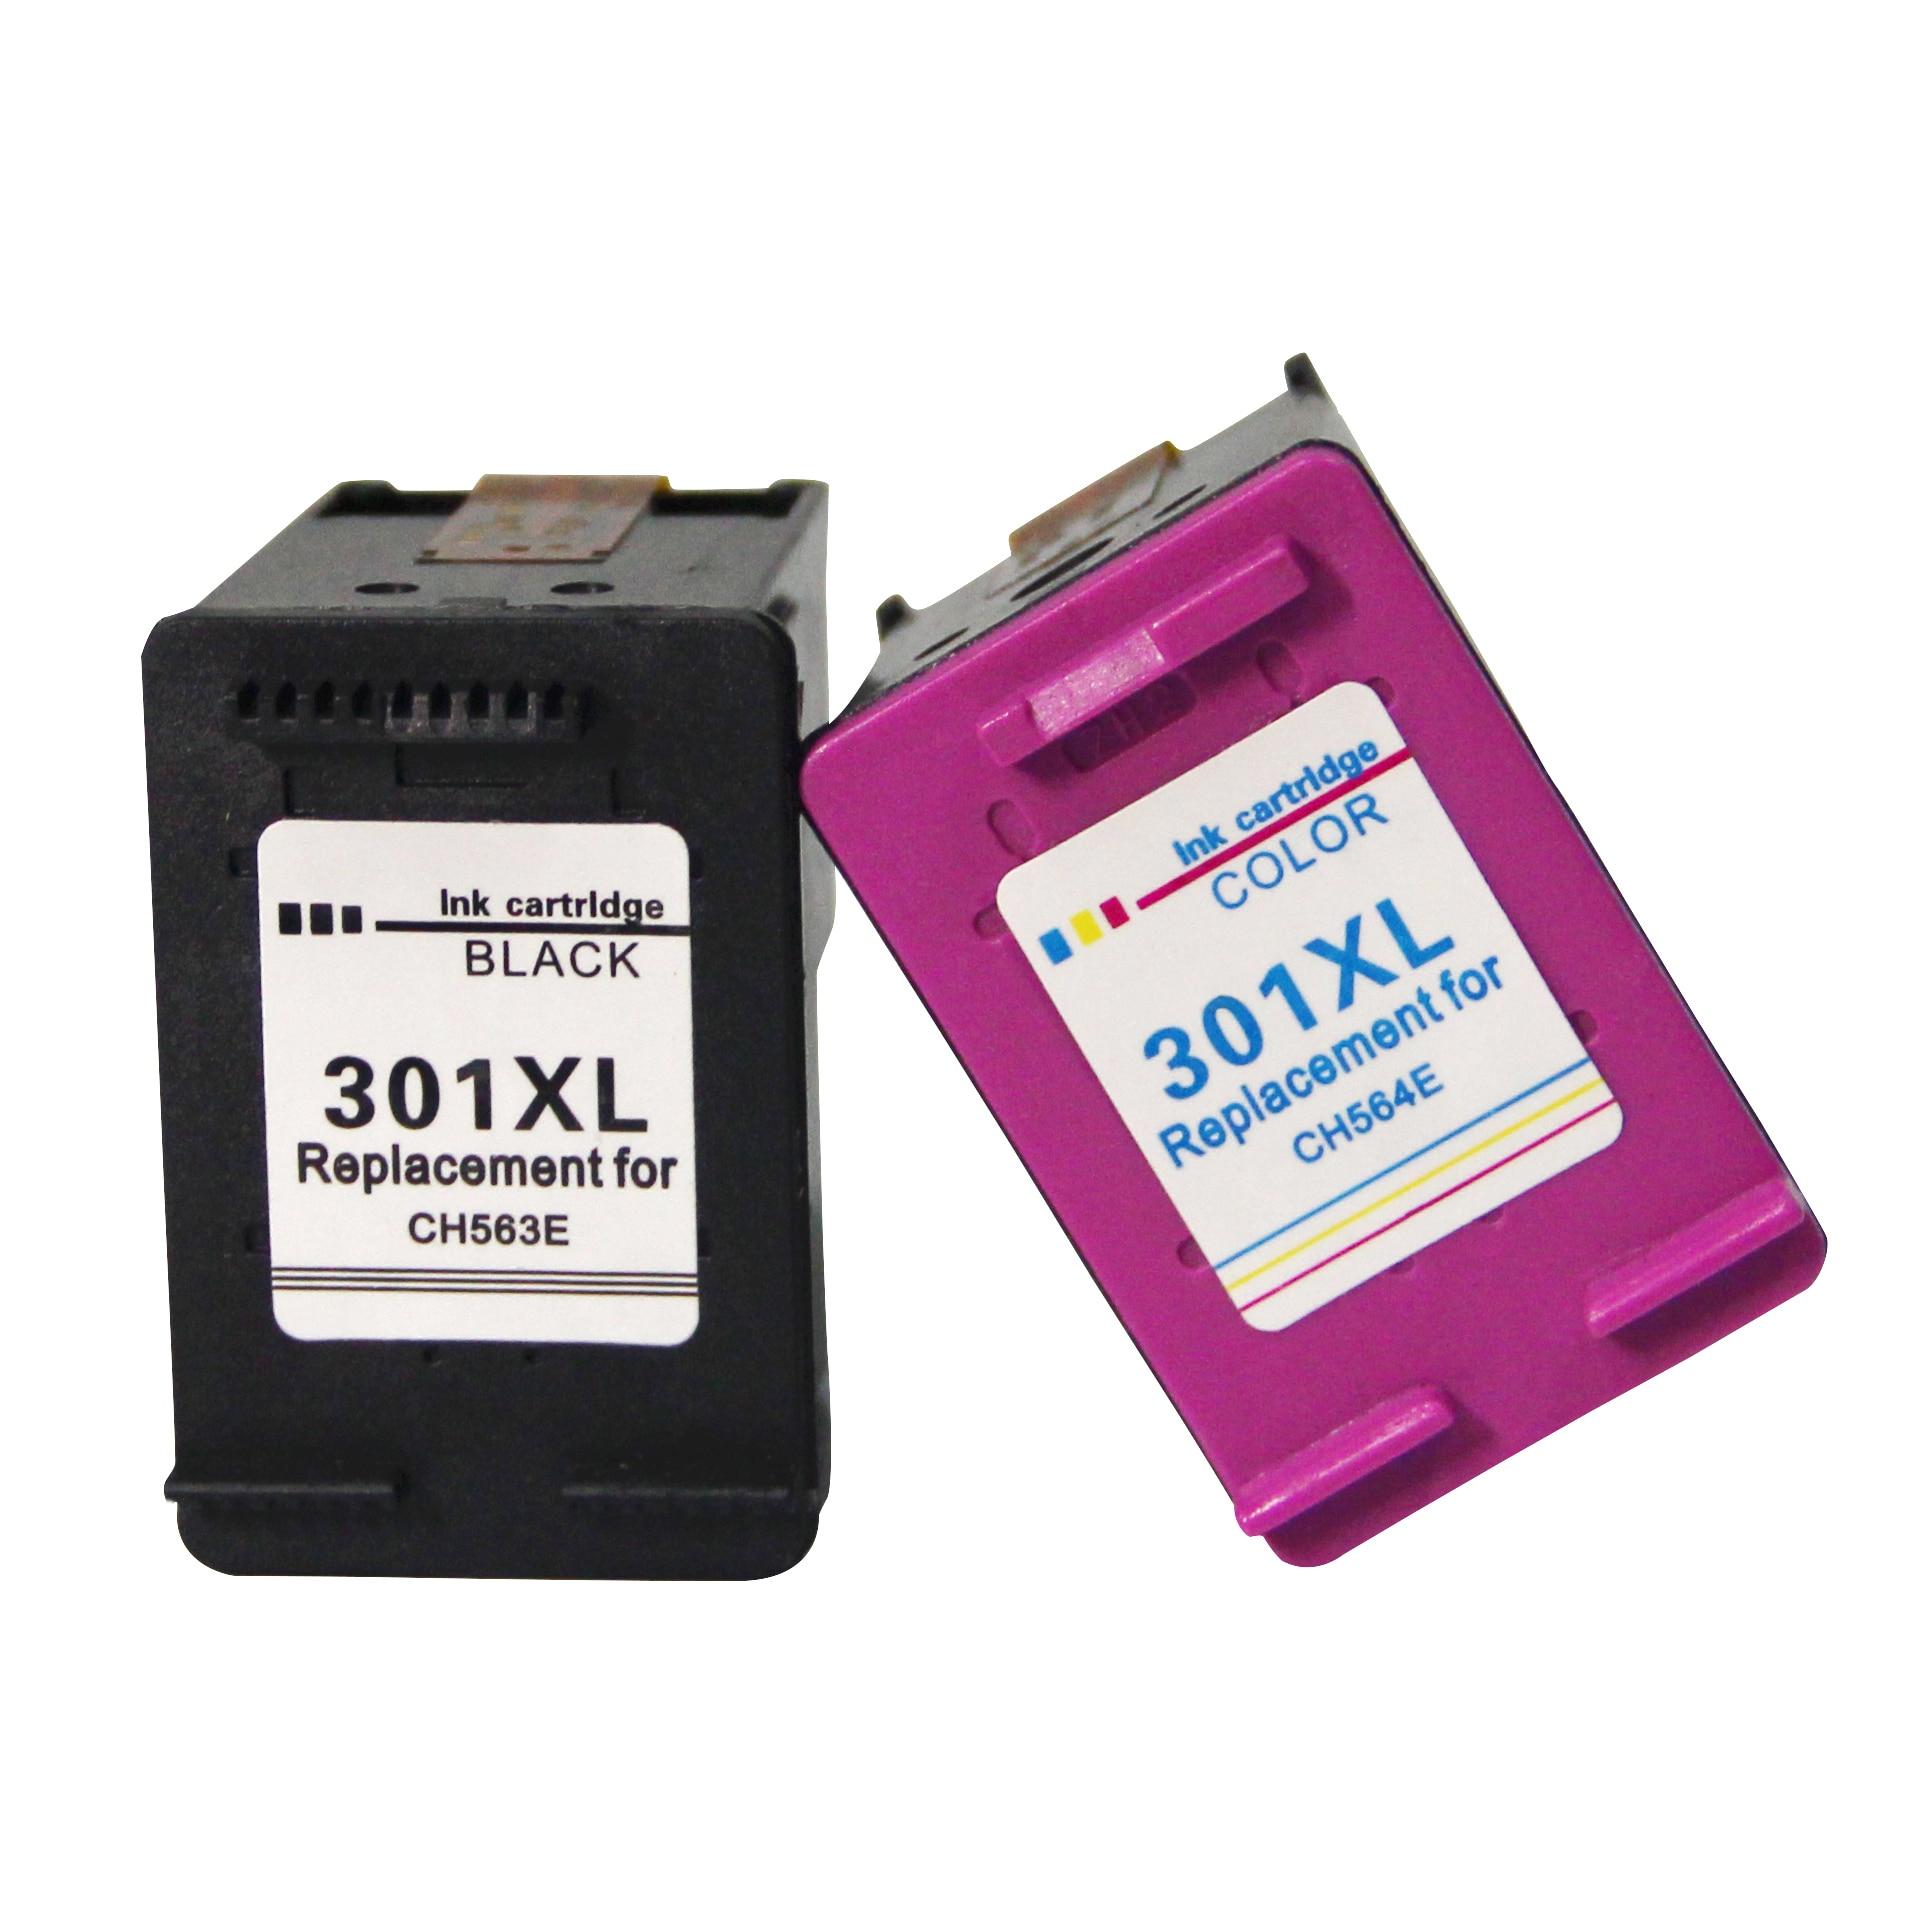 Ewigkeit สำหรับ HP 301 XL ตลับหมึกสำหรับ HP Deskjet 1000 1050 2000 2050 2050S 2510 3510 3050 3050a เครื่องพิมพ์